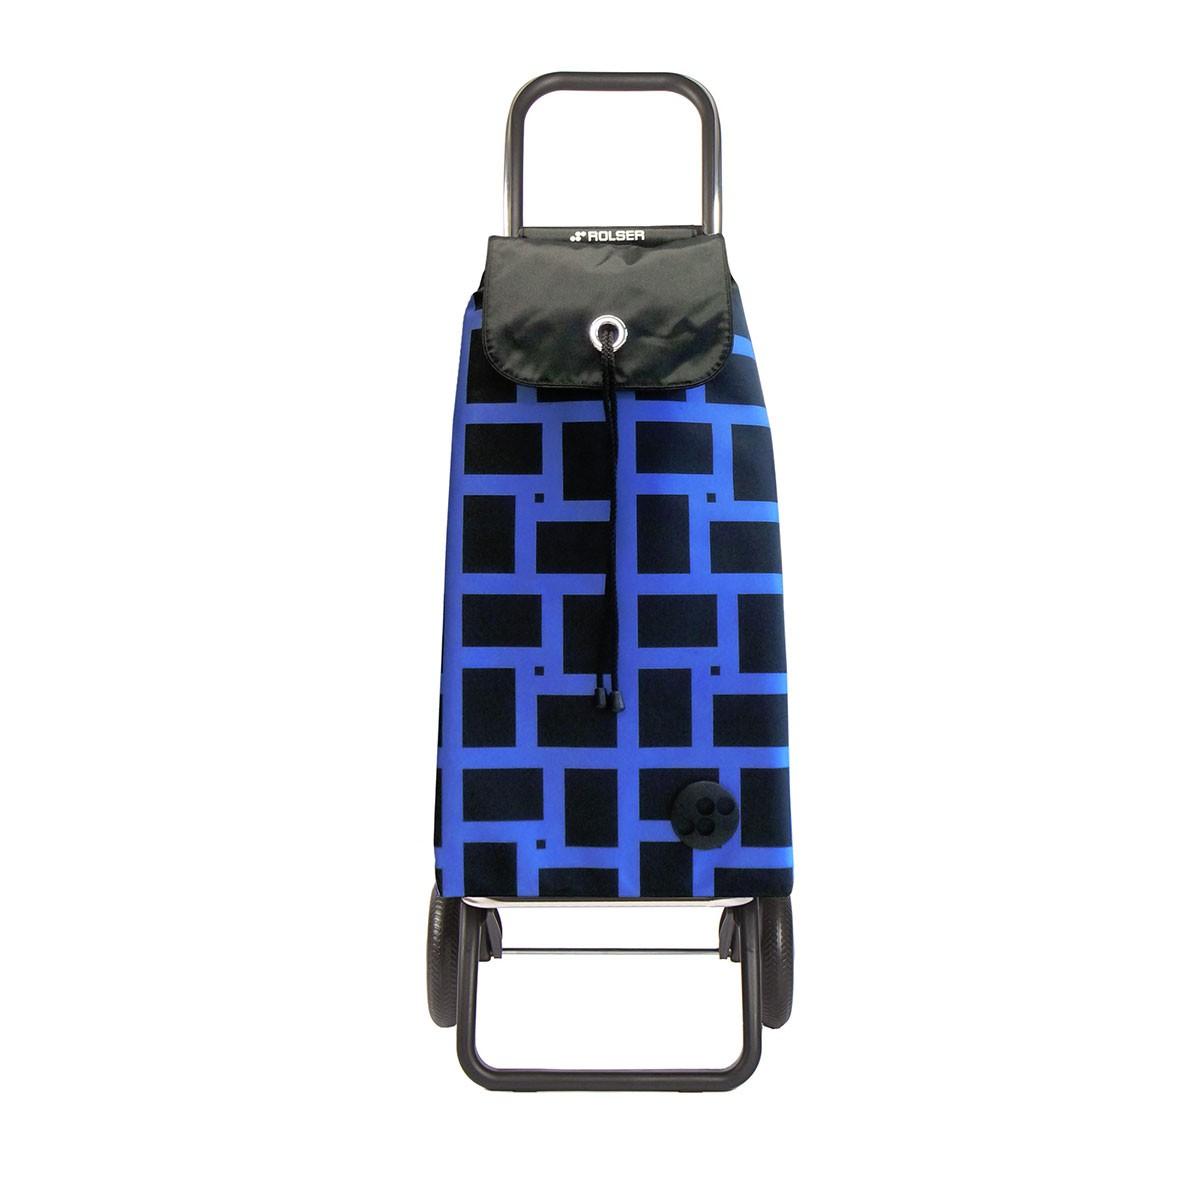 Shoppingvagn Rolser RG Logic Geometric blå